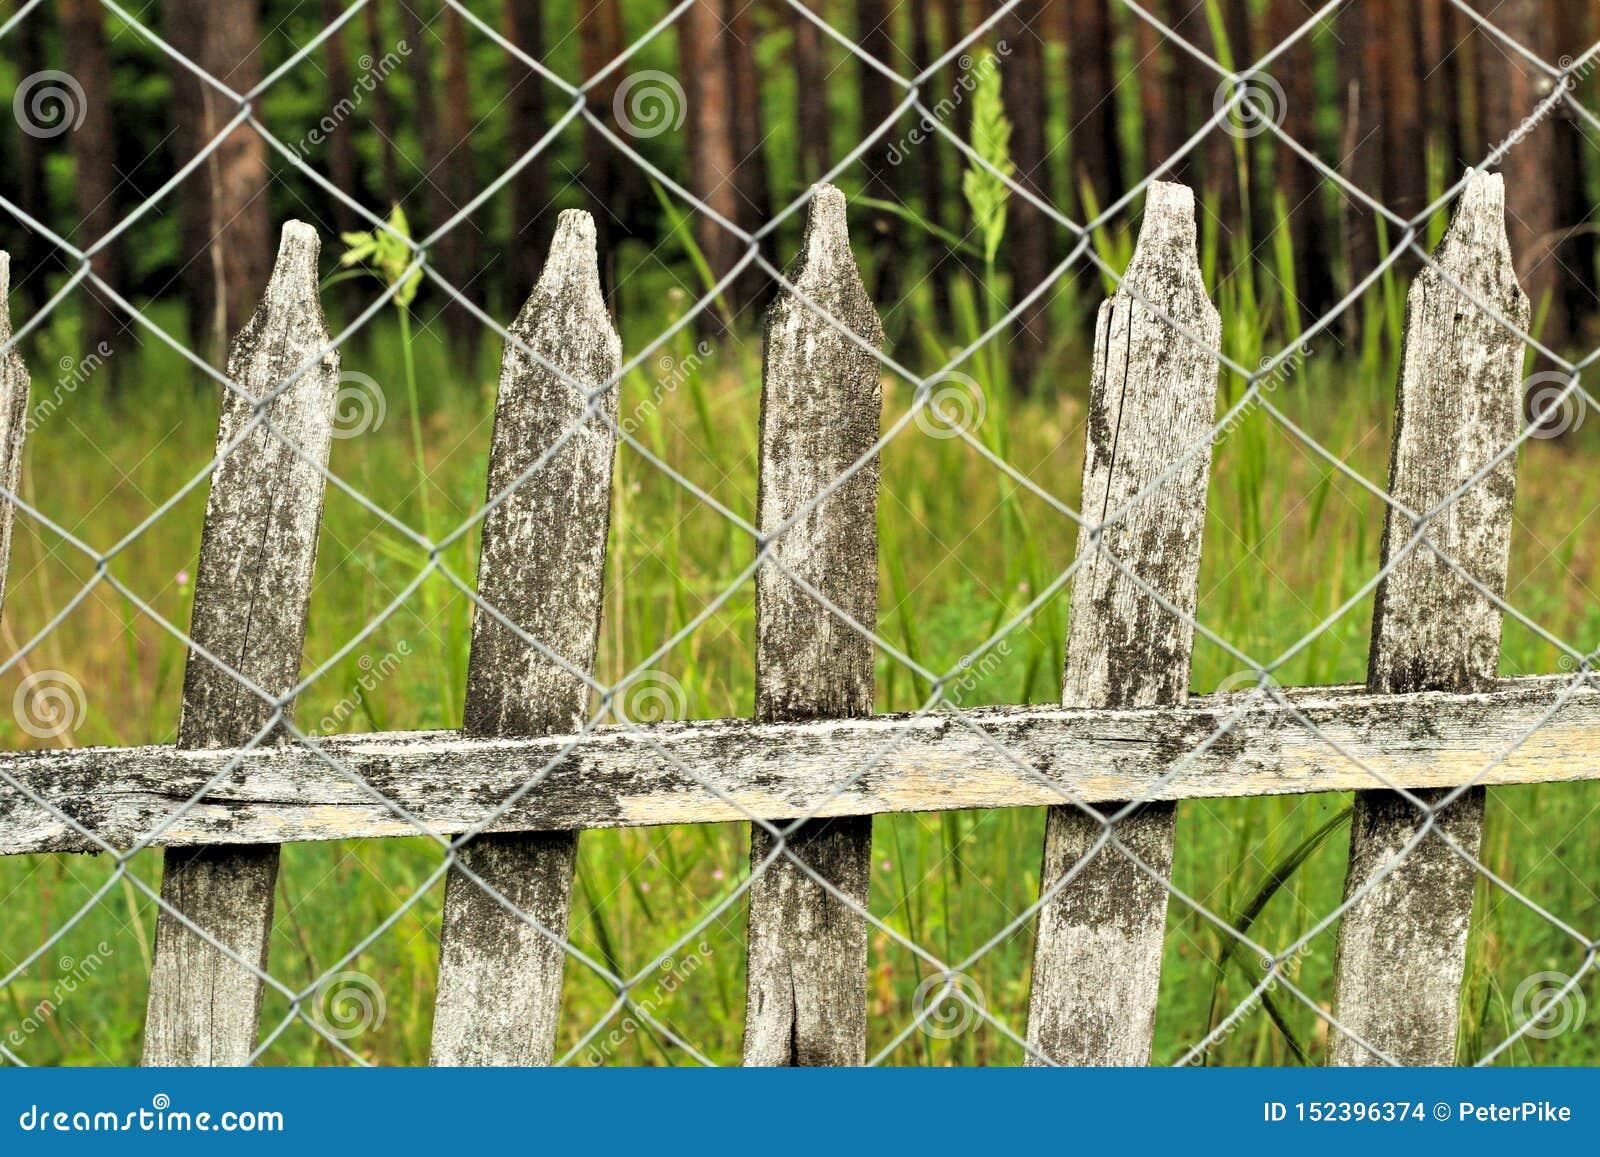 старый частокол на заднем плане загородки звена цепи Винтажный ландшафт сельской местности